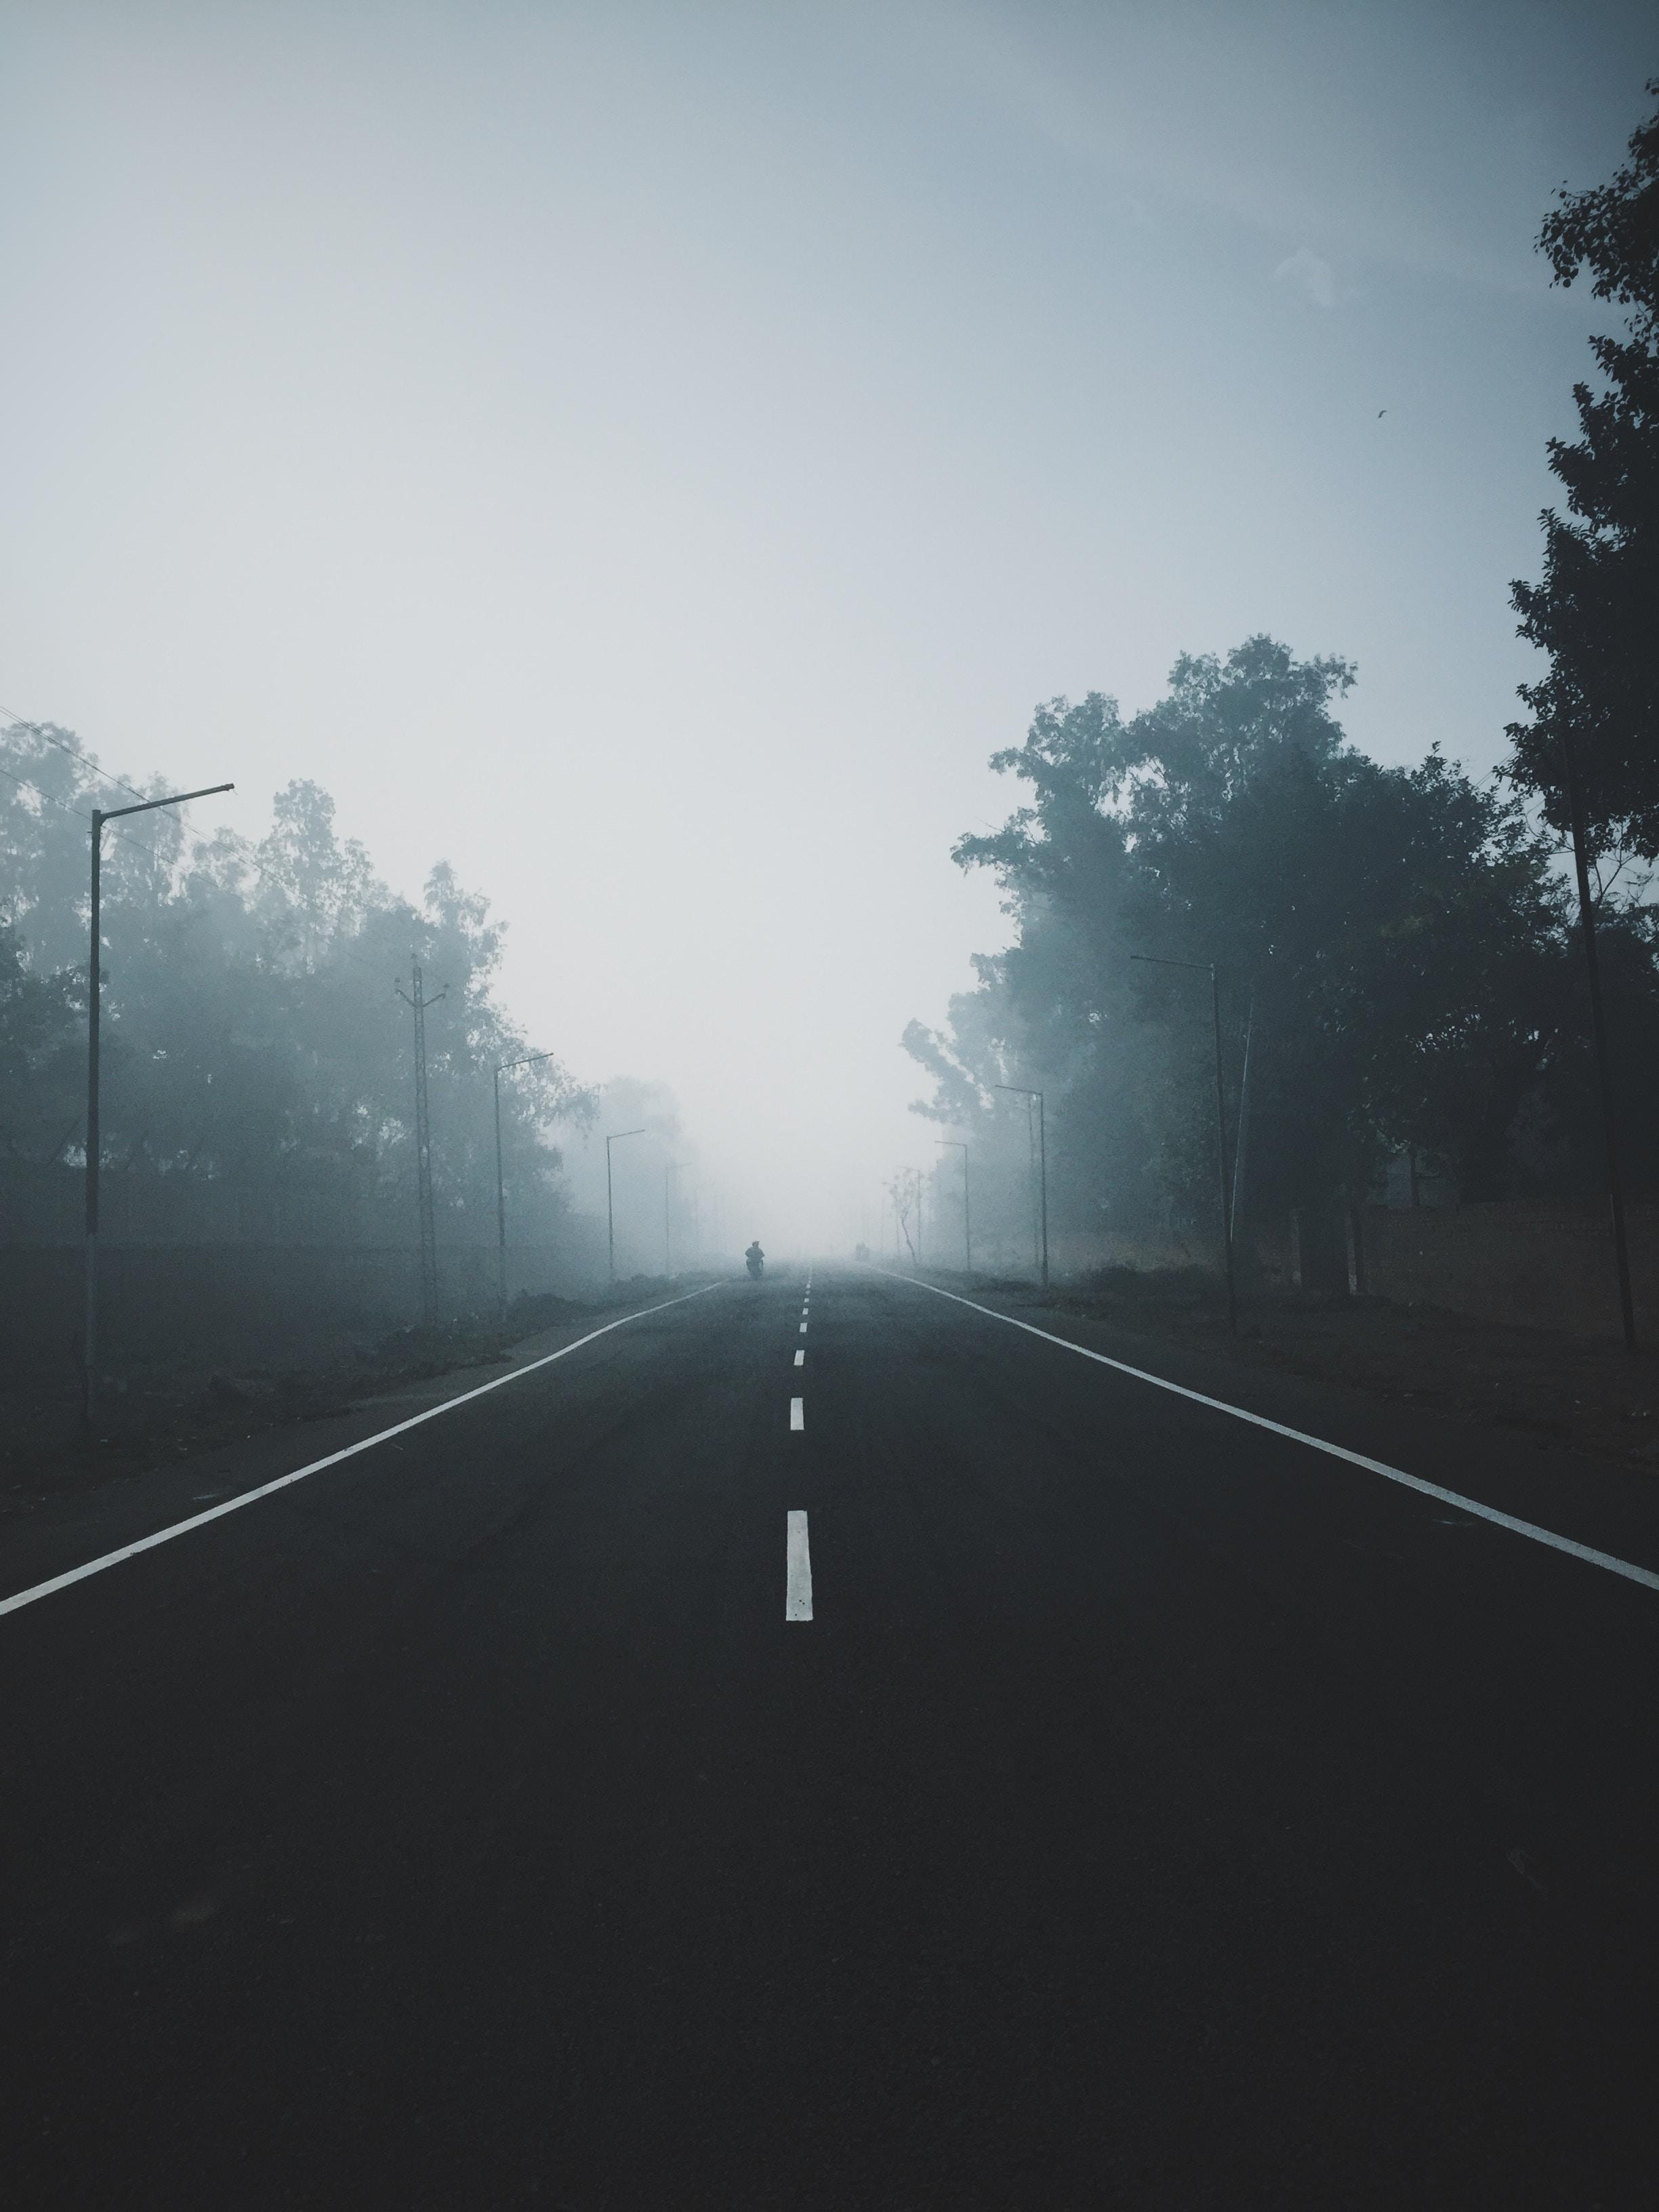 photo of empty road